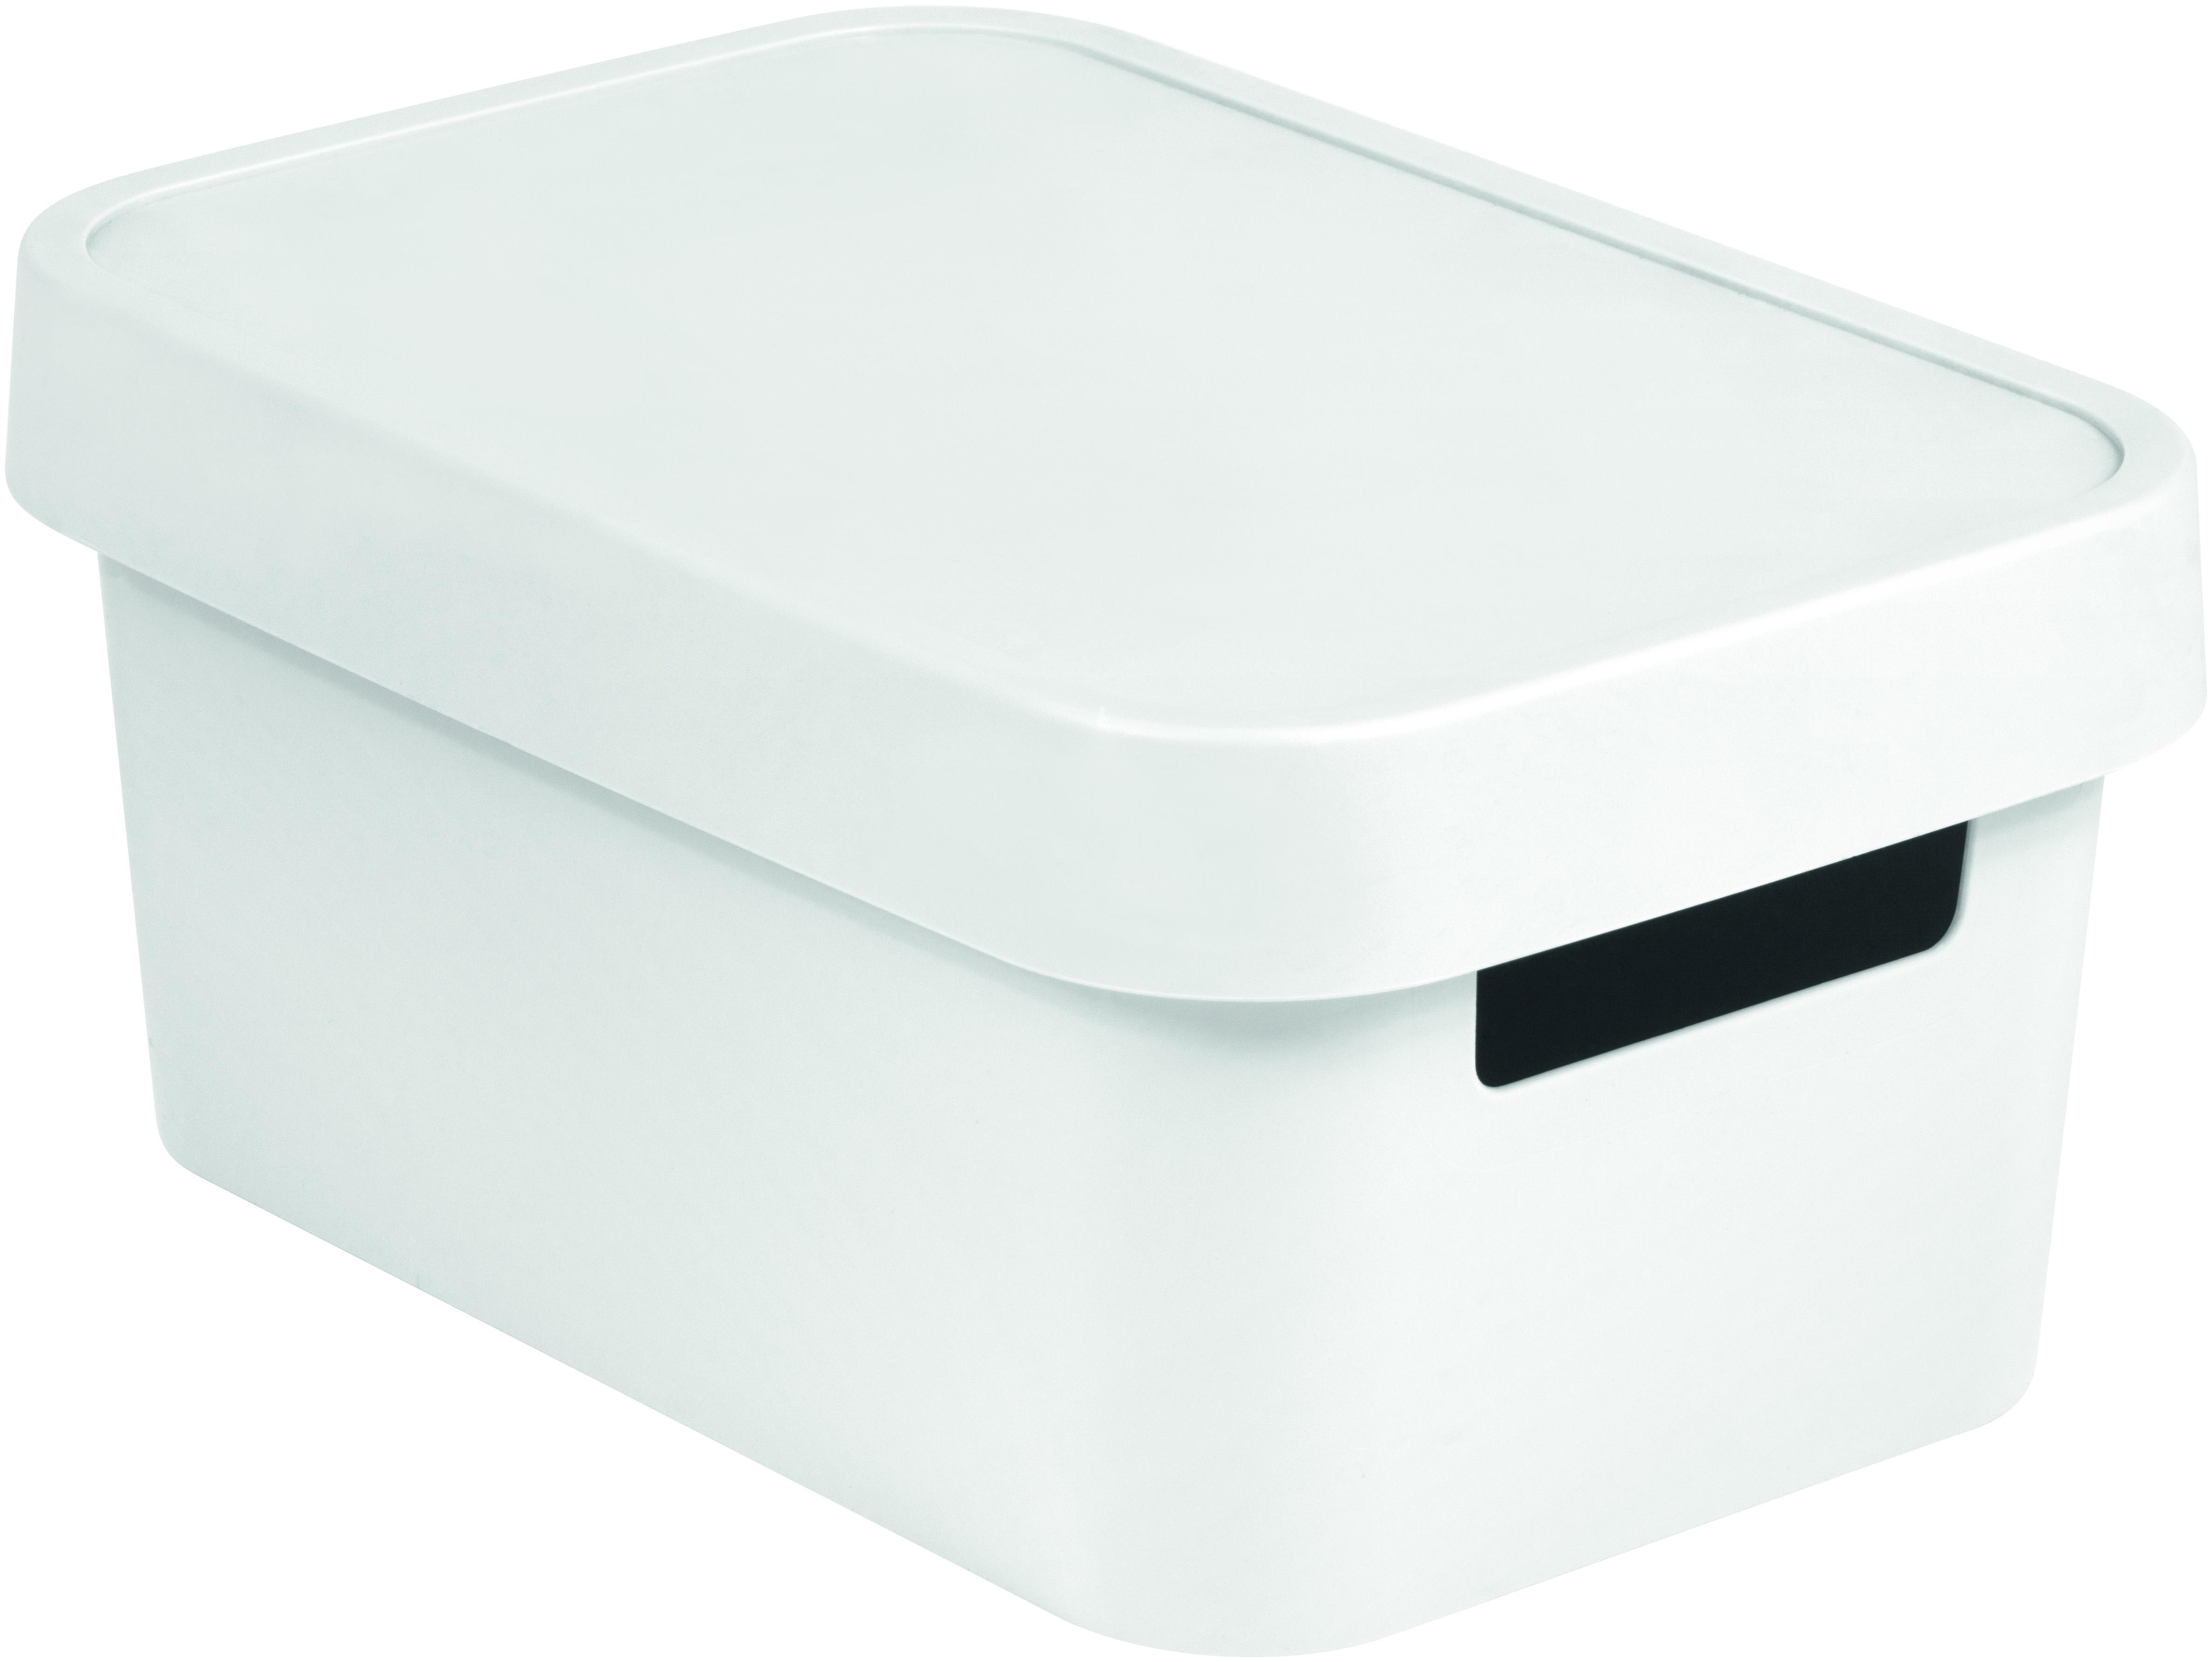 Úložný box INFINITY 4,5l s víkem bílý